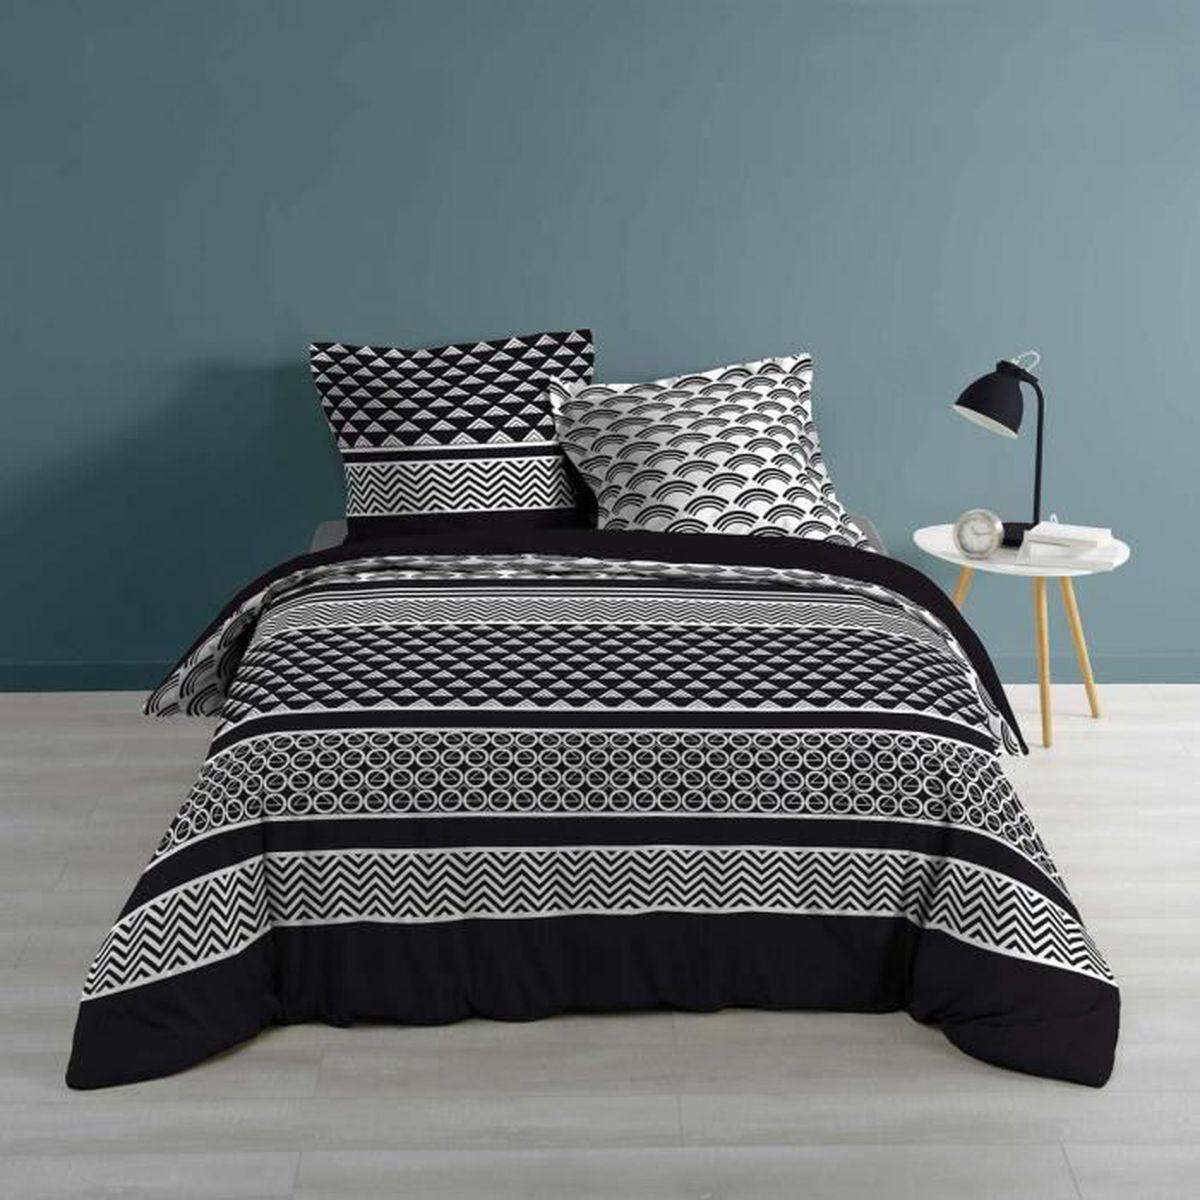 Housse De Couette Noir Blanc Gris parure de lit sansio 260x240 - achat / vente housse de